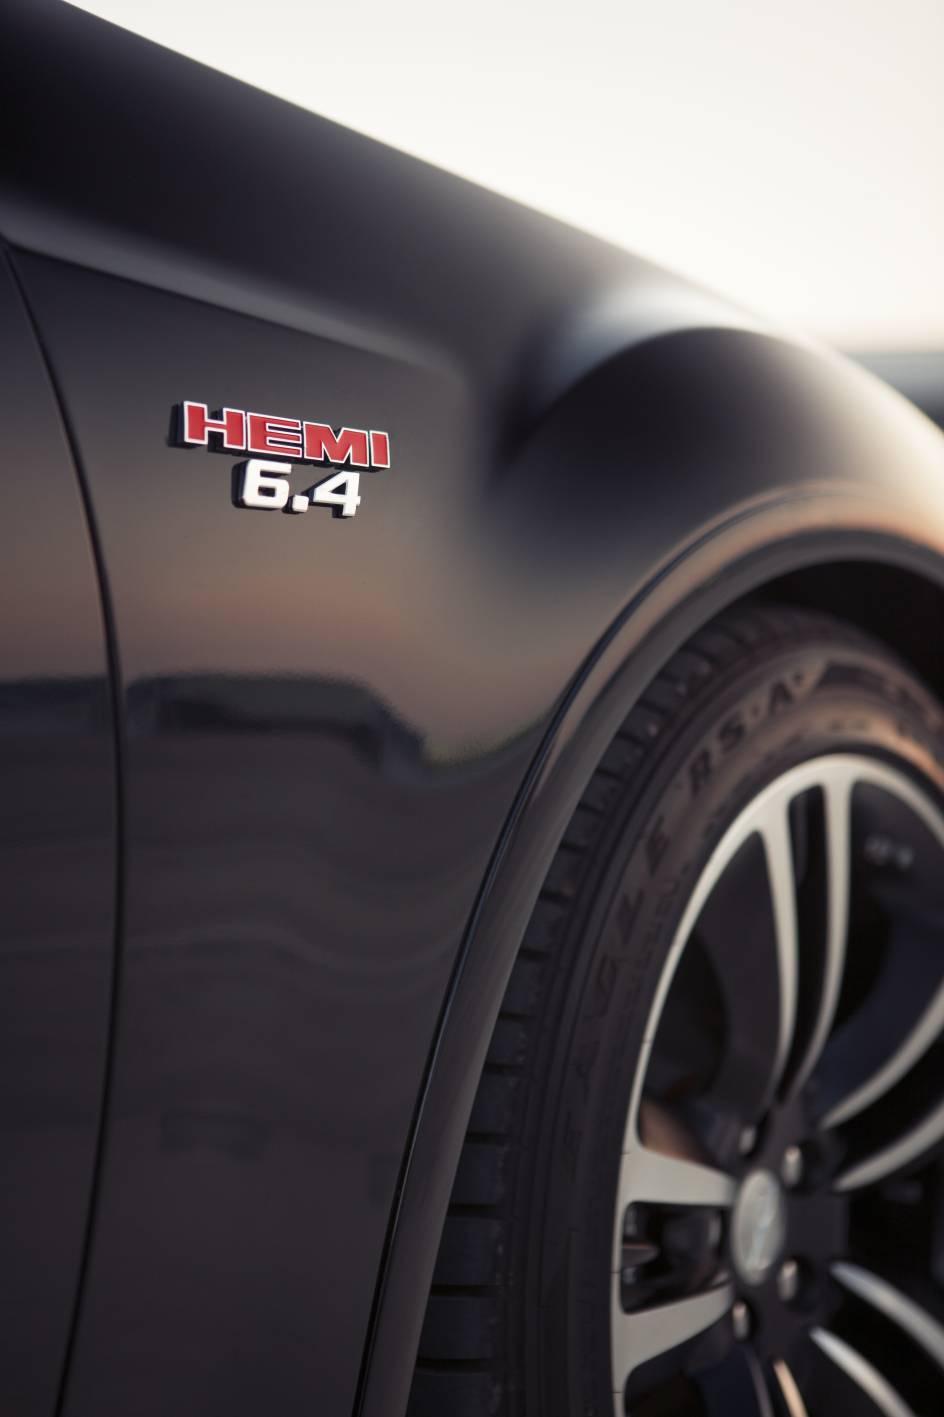 2014 Chrysler 300 SRT8 Core wheel.jpg